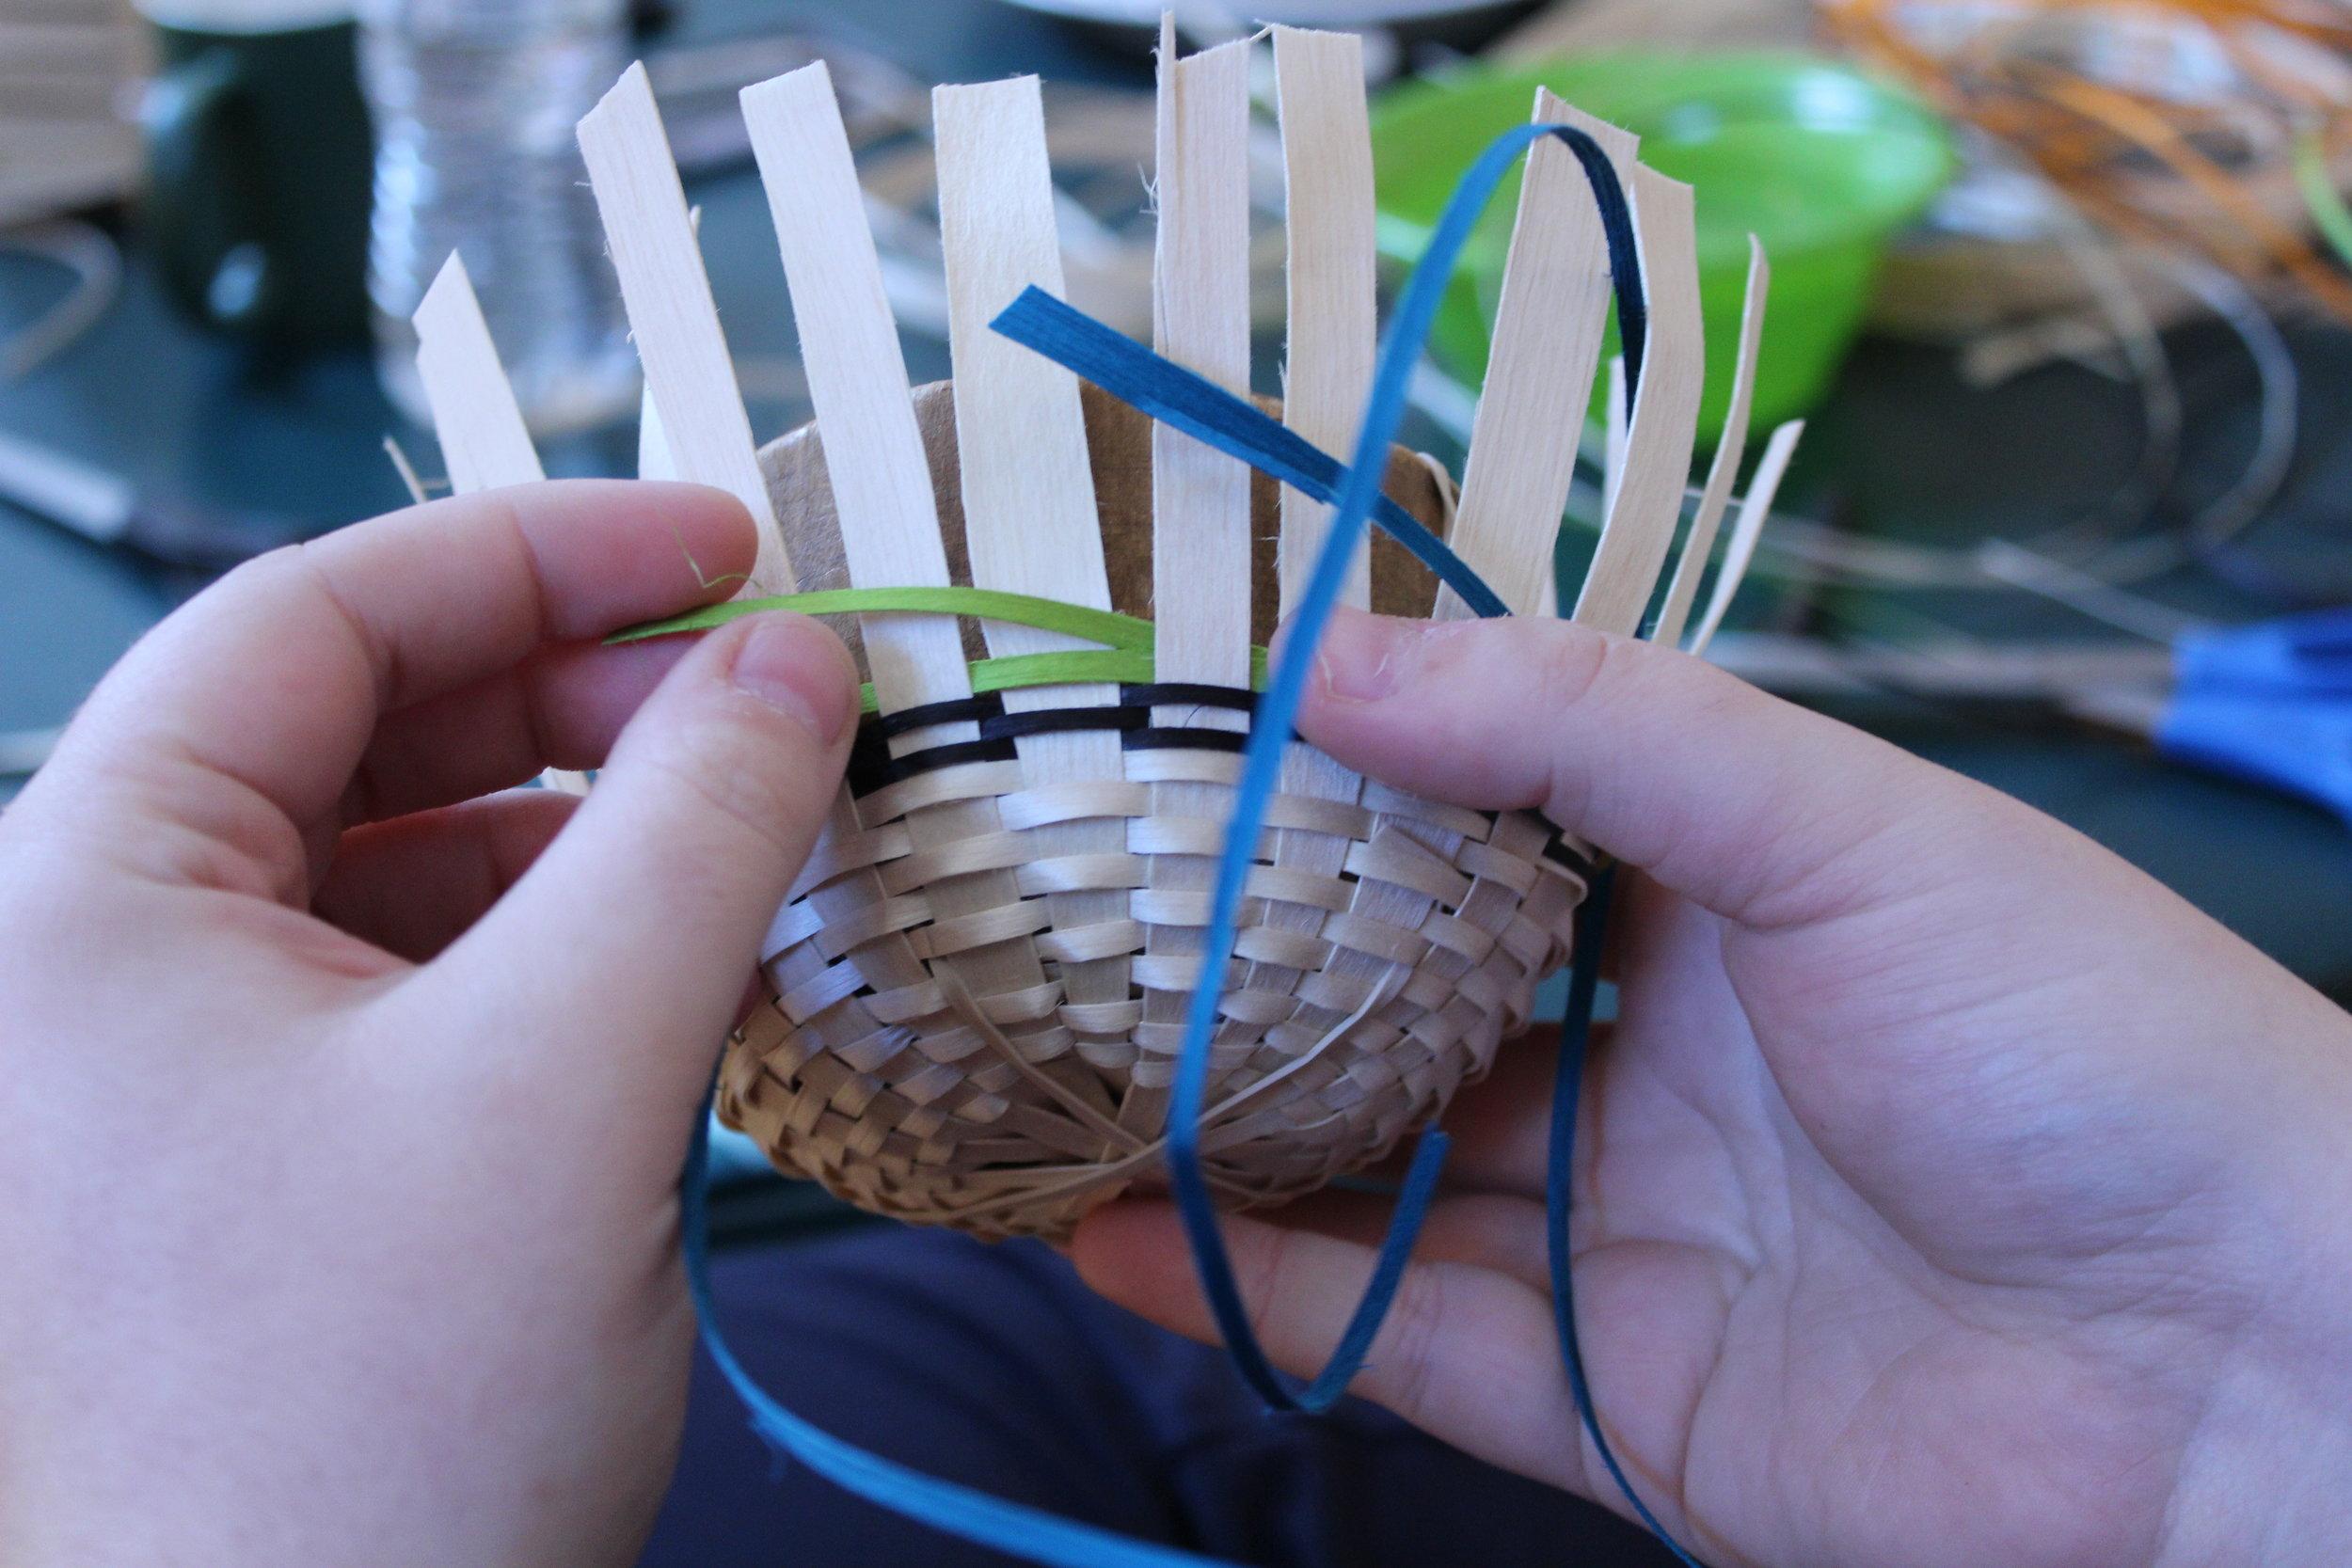 Basketmaking Angela Raup.JPG